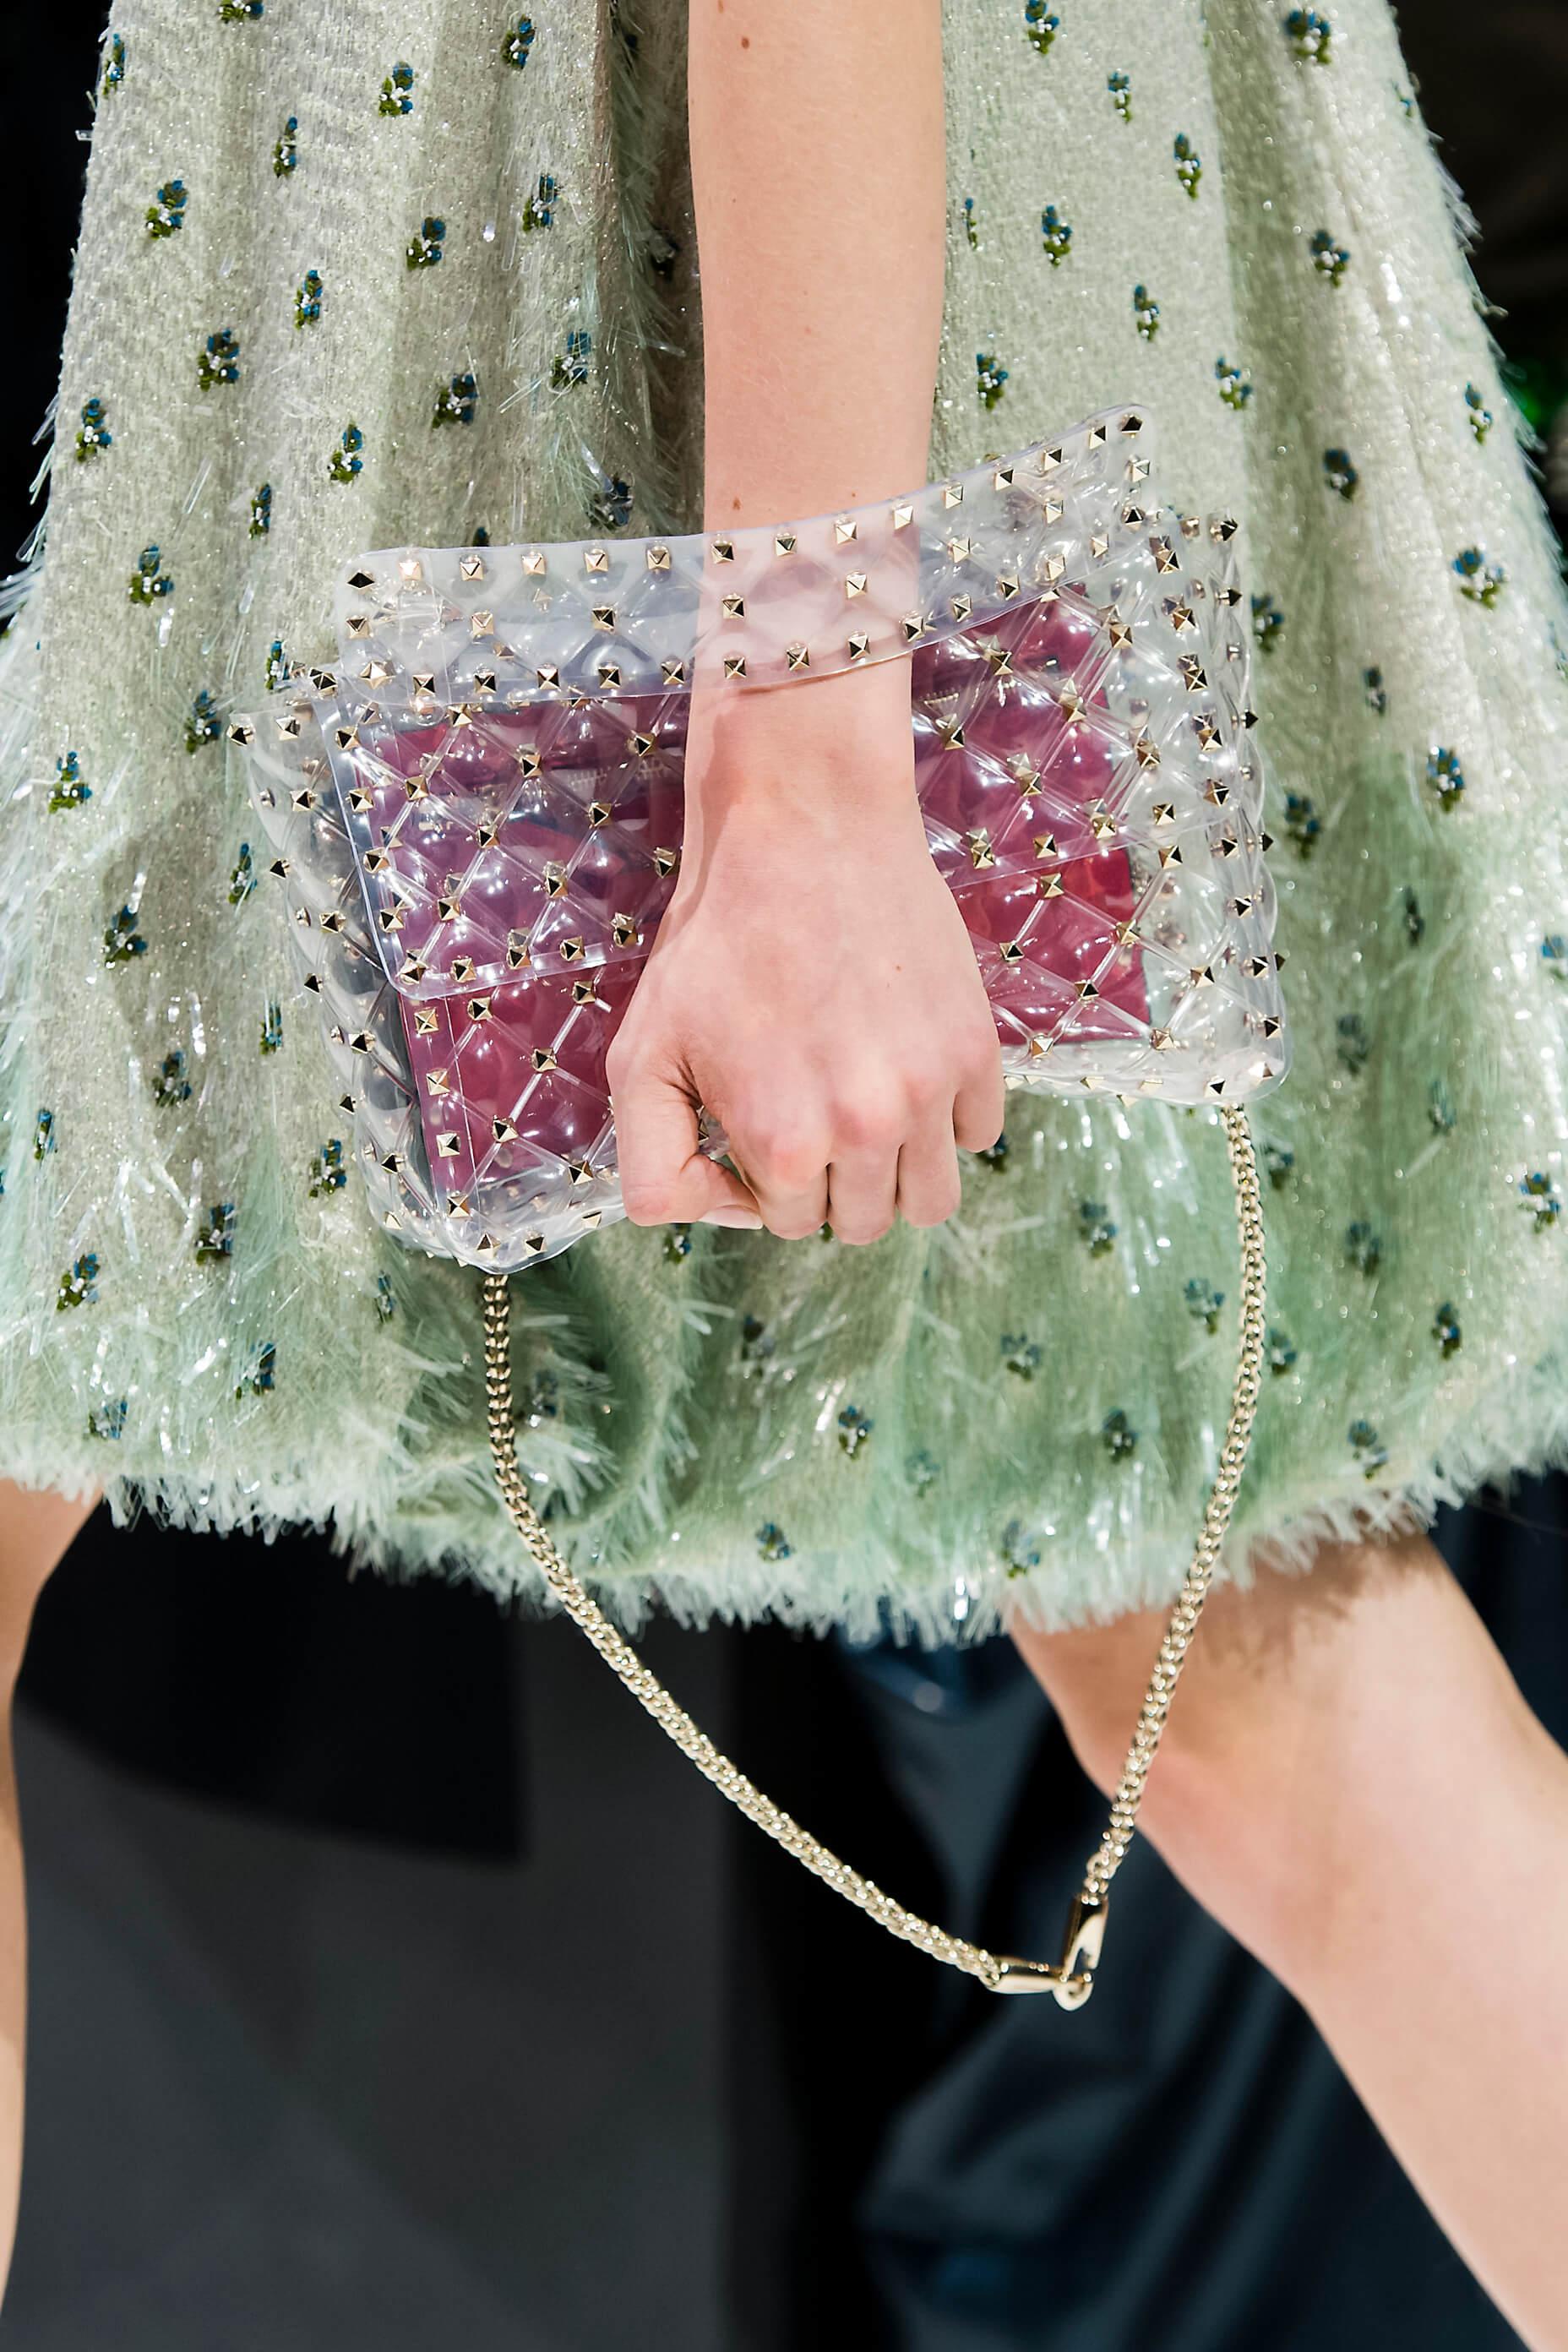 Новый тренд: Одежда в пластиковом чехле-Фото 4